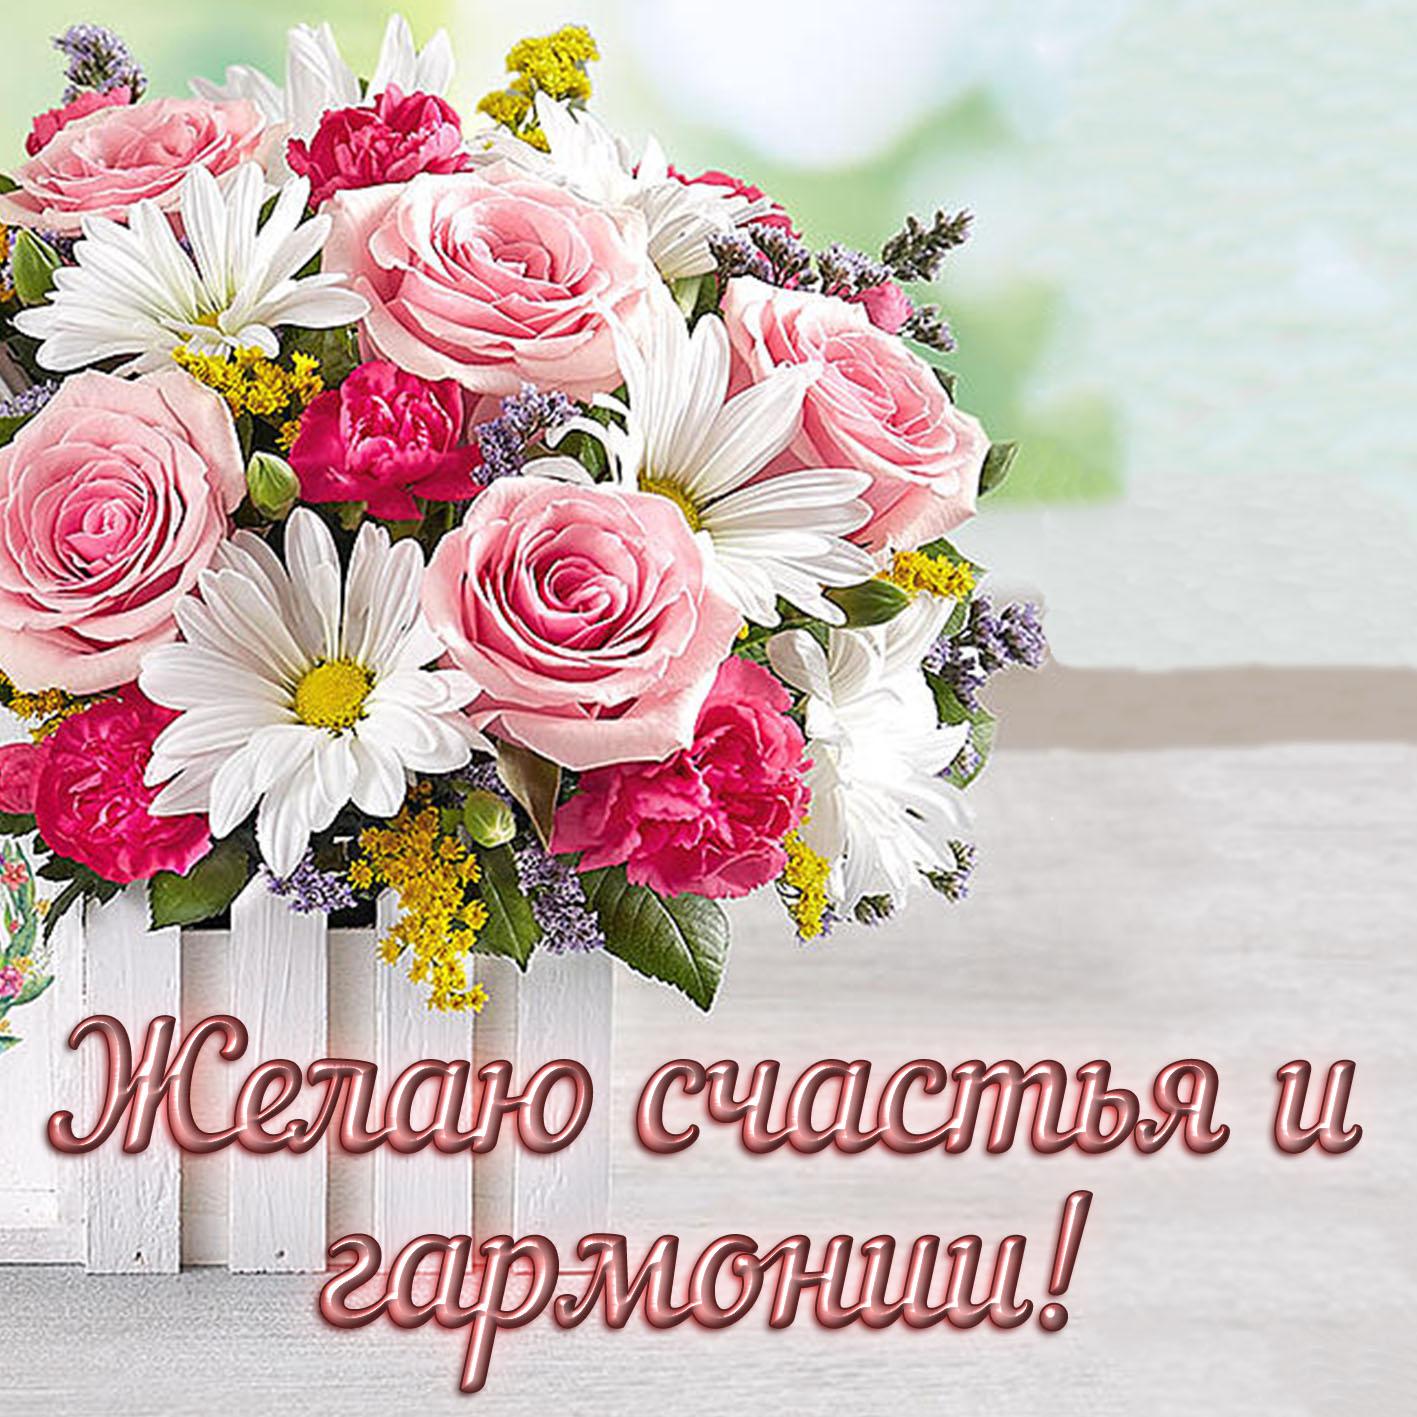 Открытка - цветы и пожелание счастья и гармонии